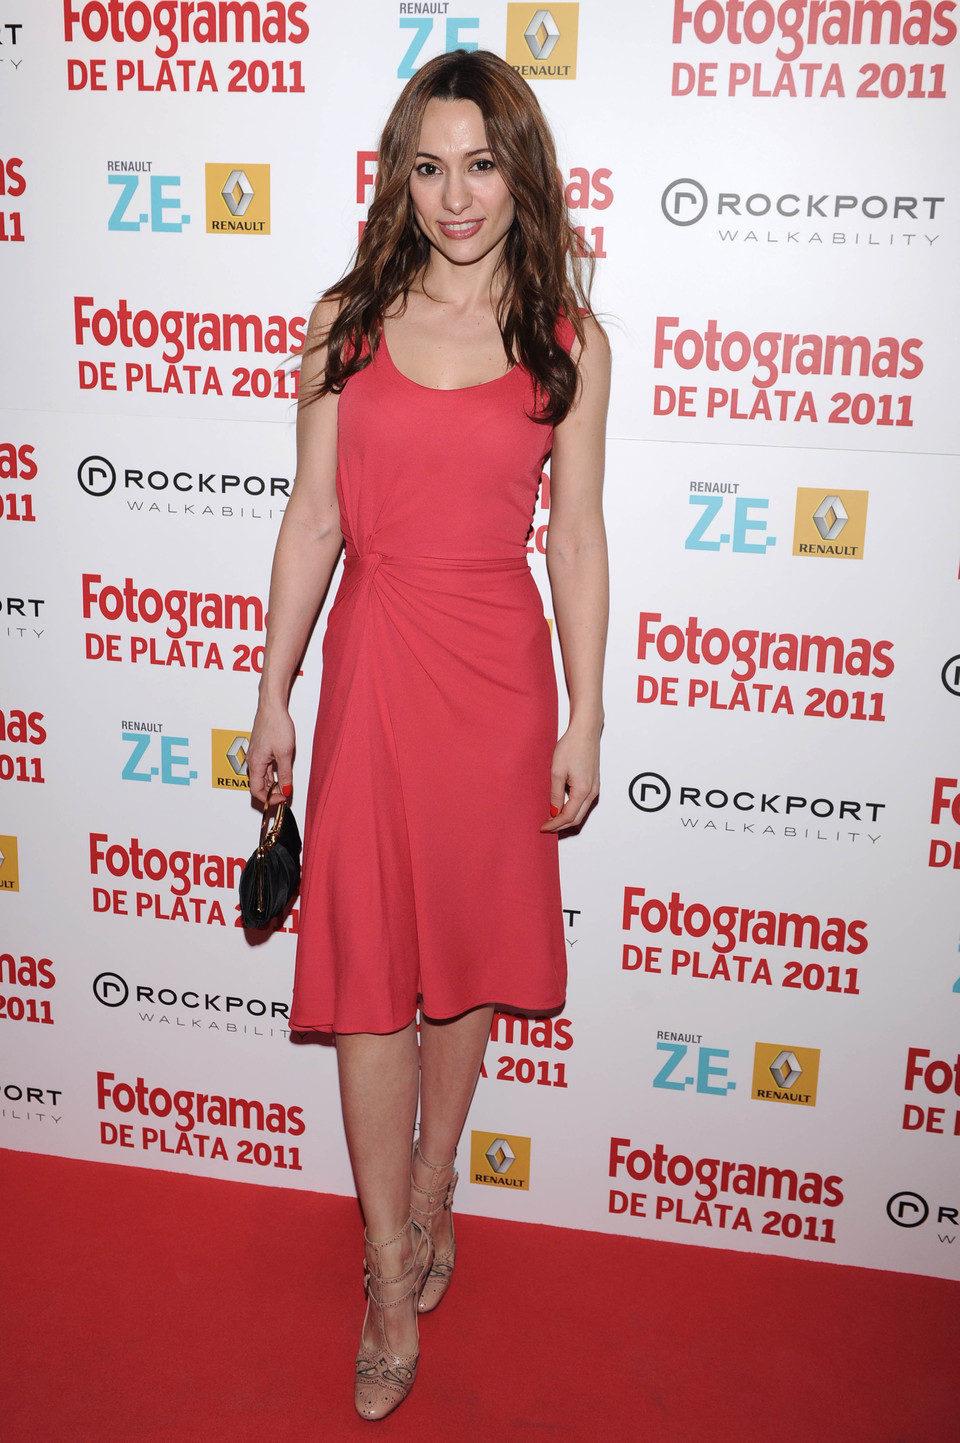 Natalia Verbeke en los Fotogramas de Plata 2011